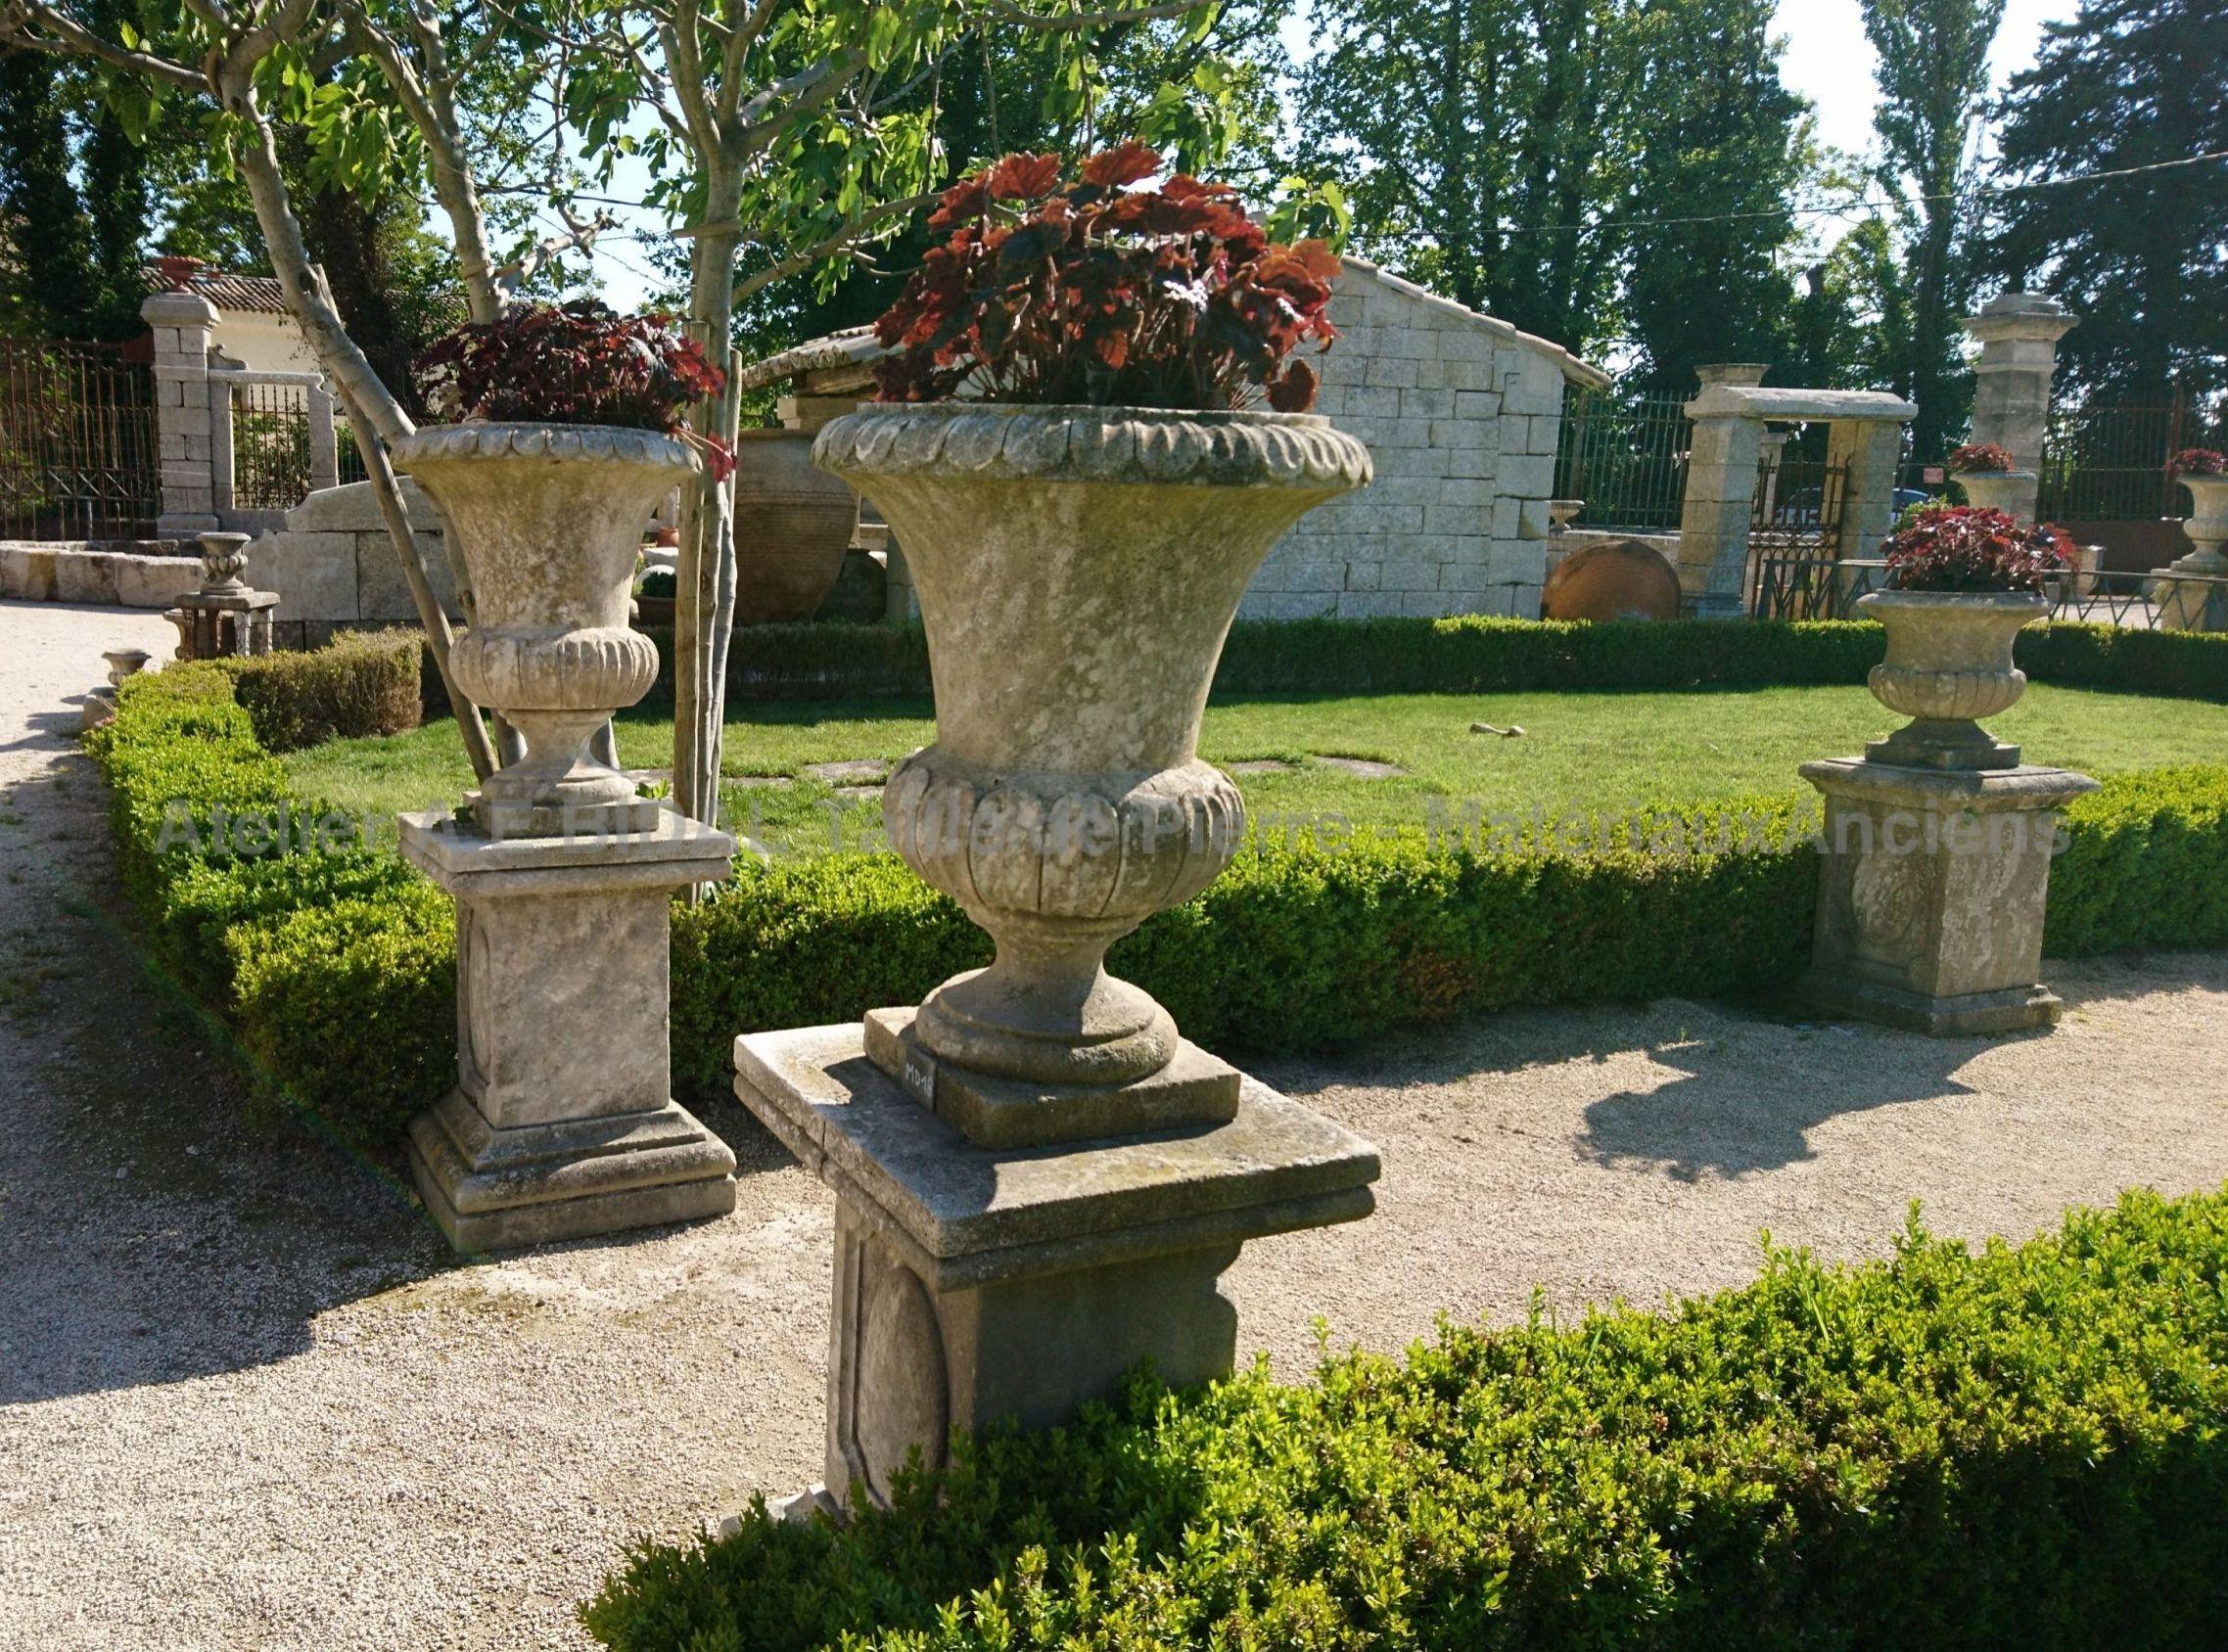 D corez votre jardin ou ext rieur avec un vase m dicis en pierre - Invasion d araignee dans le jardin ...